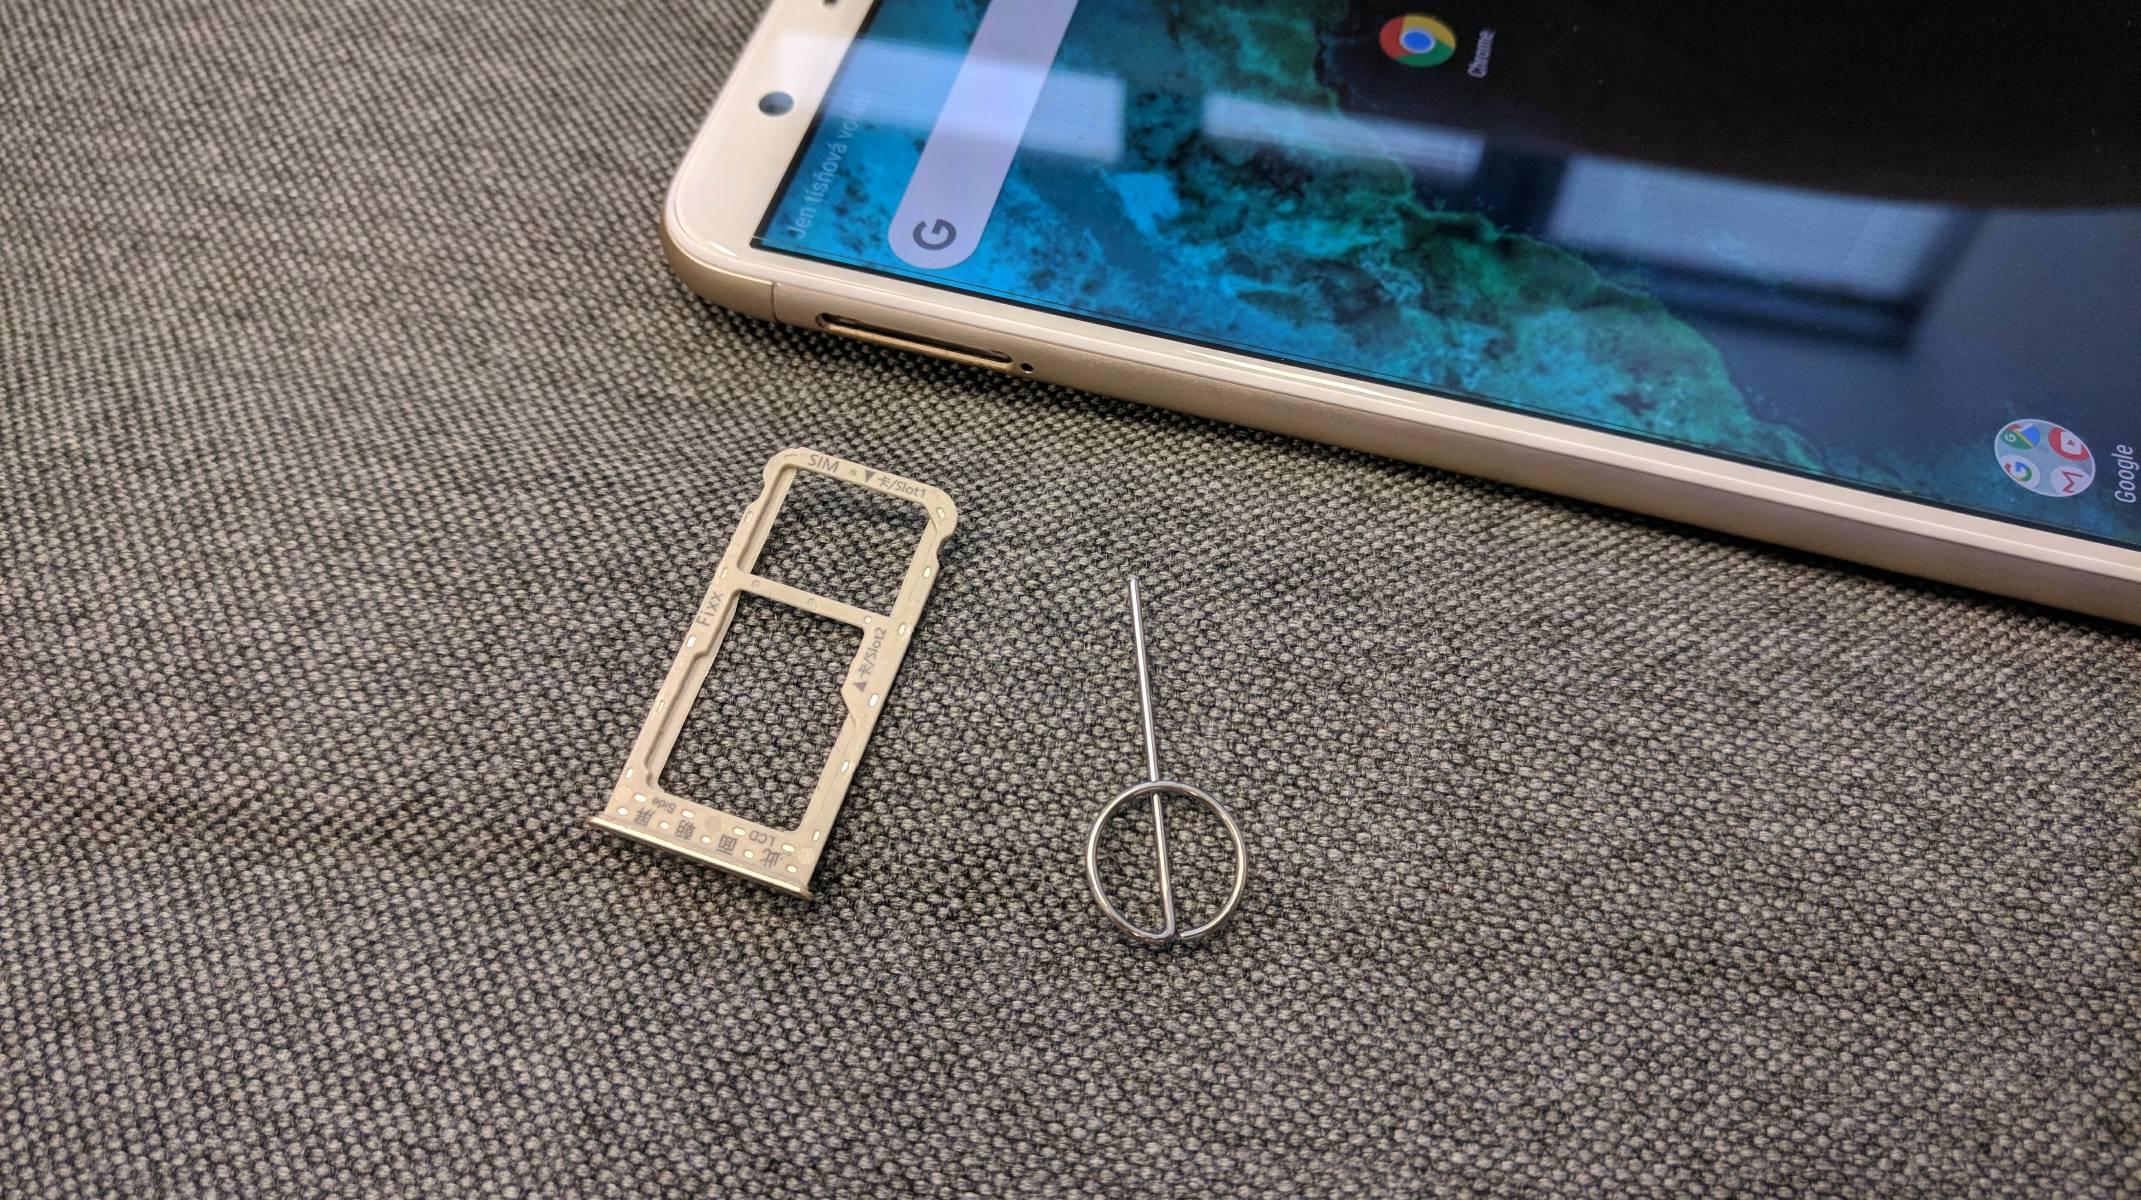 Huawei P smart hybridní slot a špendlík